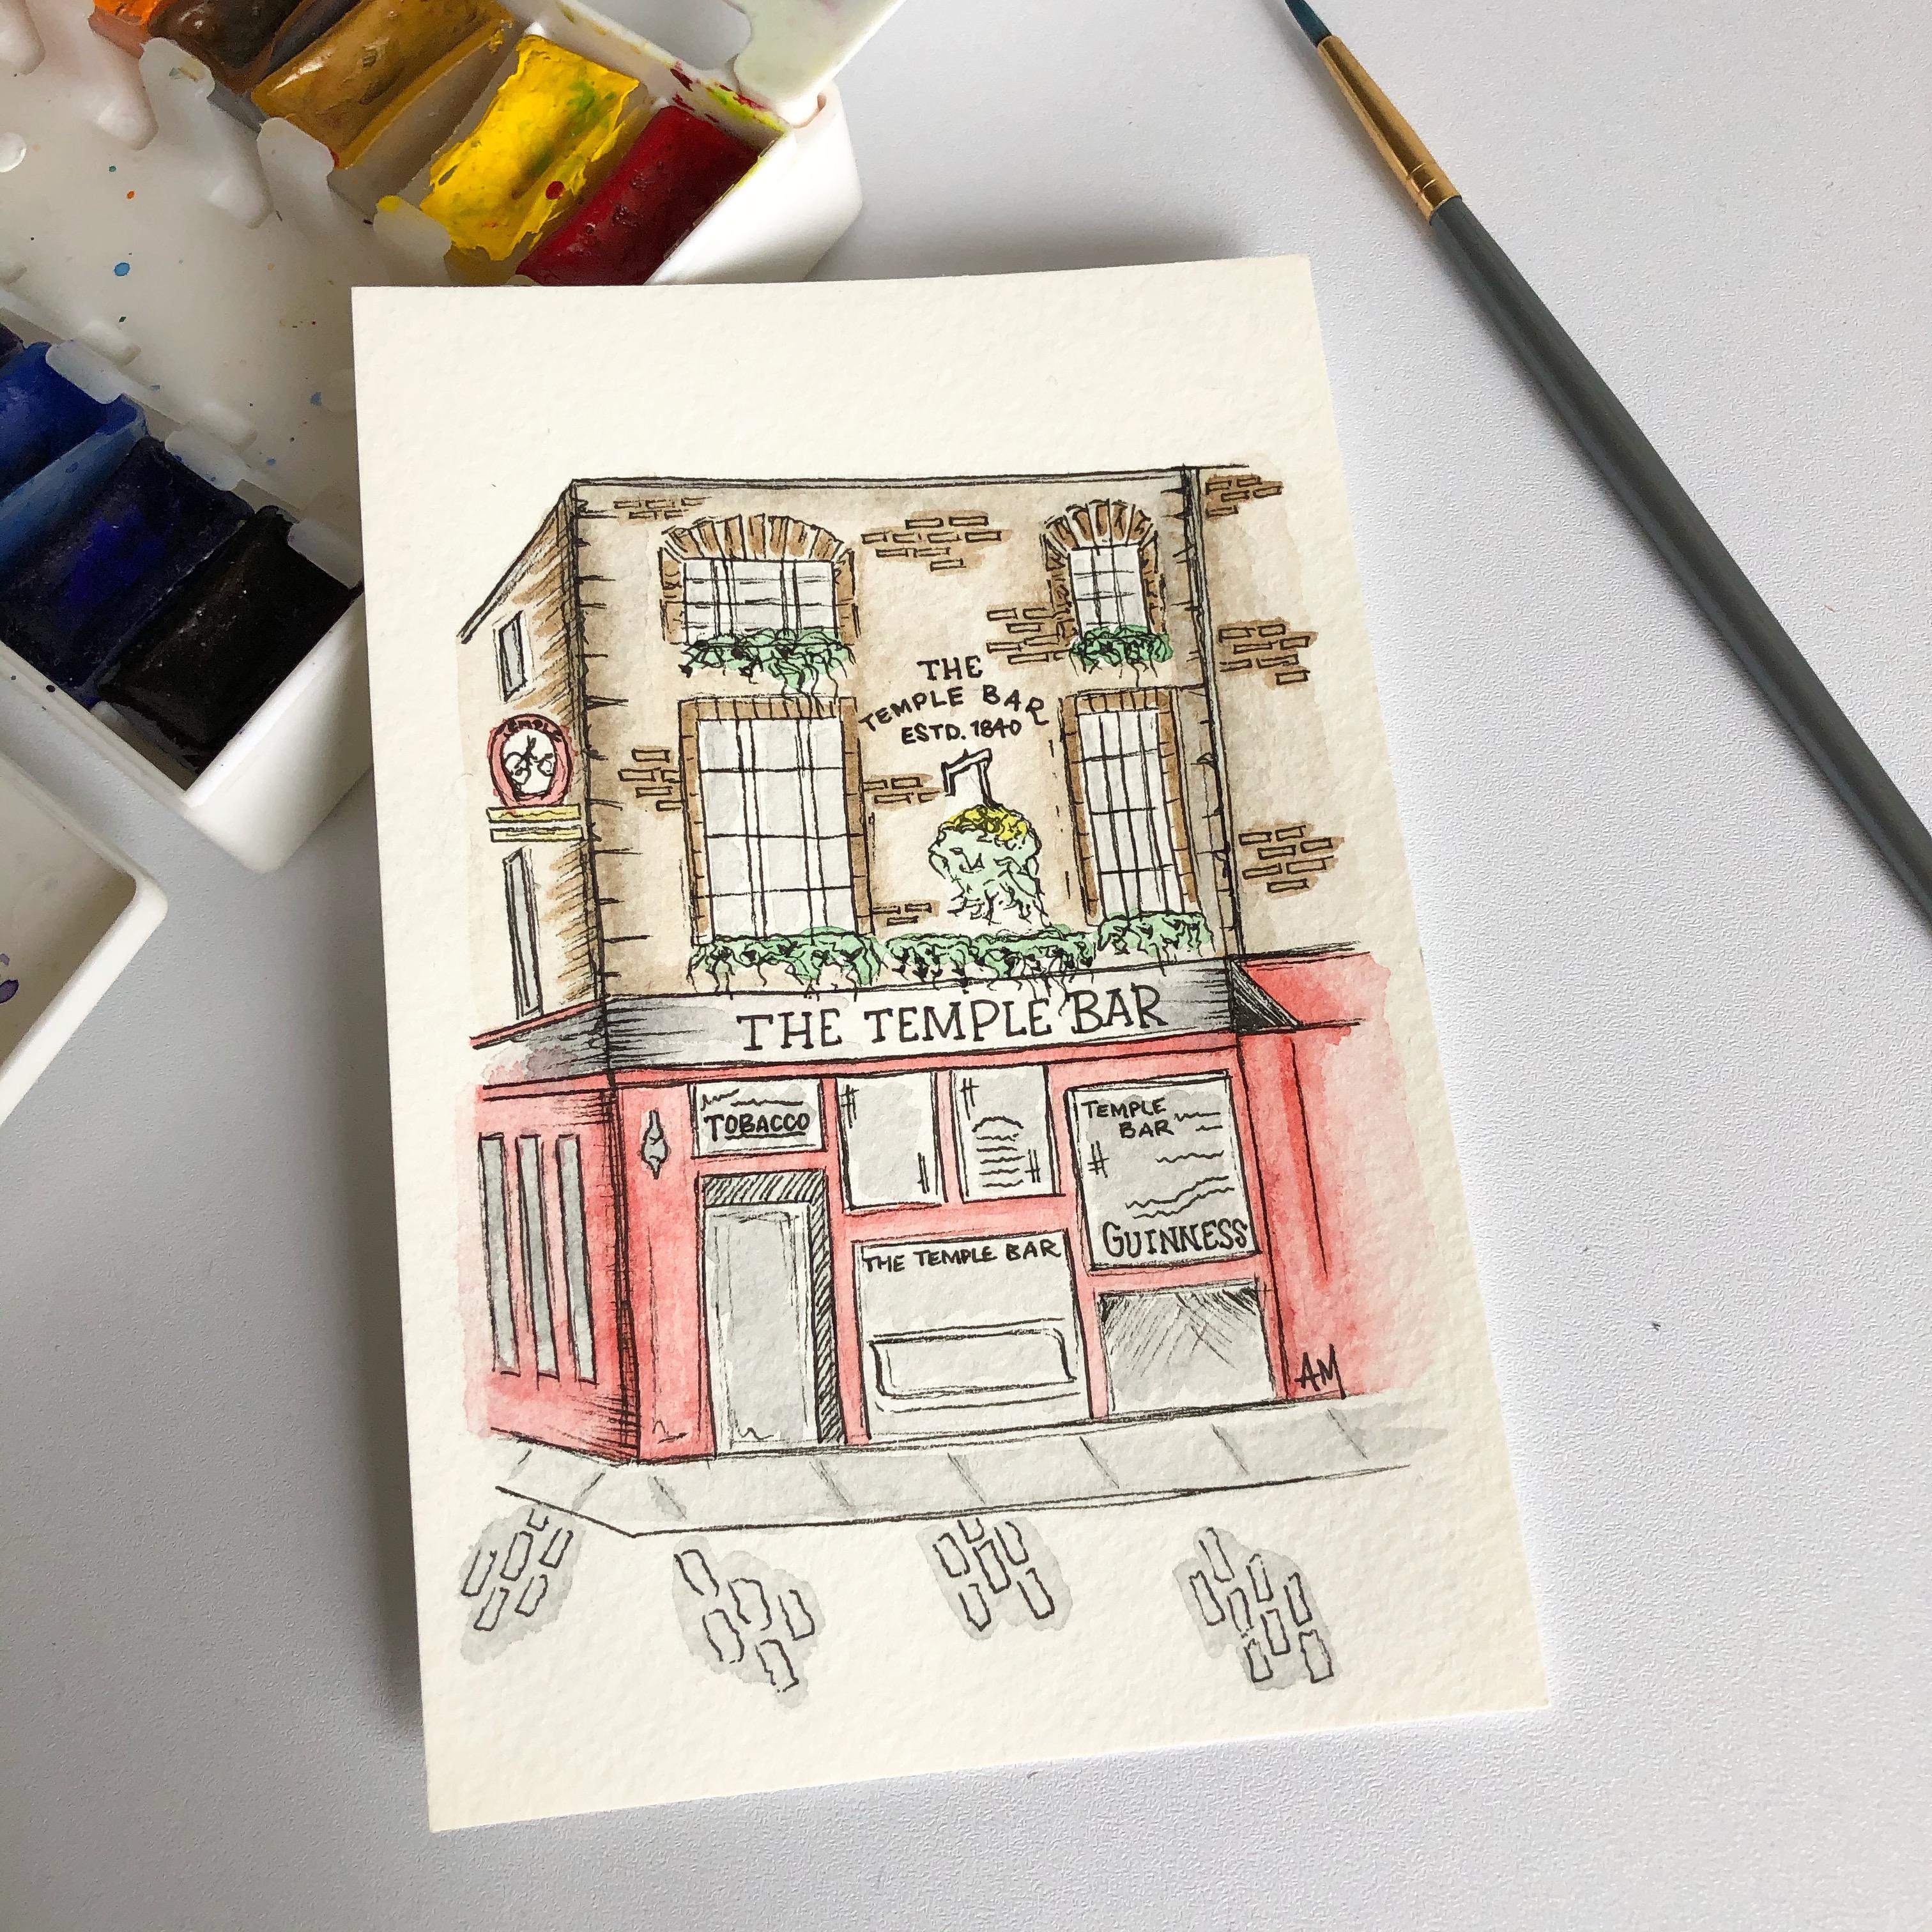 The Temple Bar-Dublin, Ireland